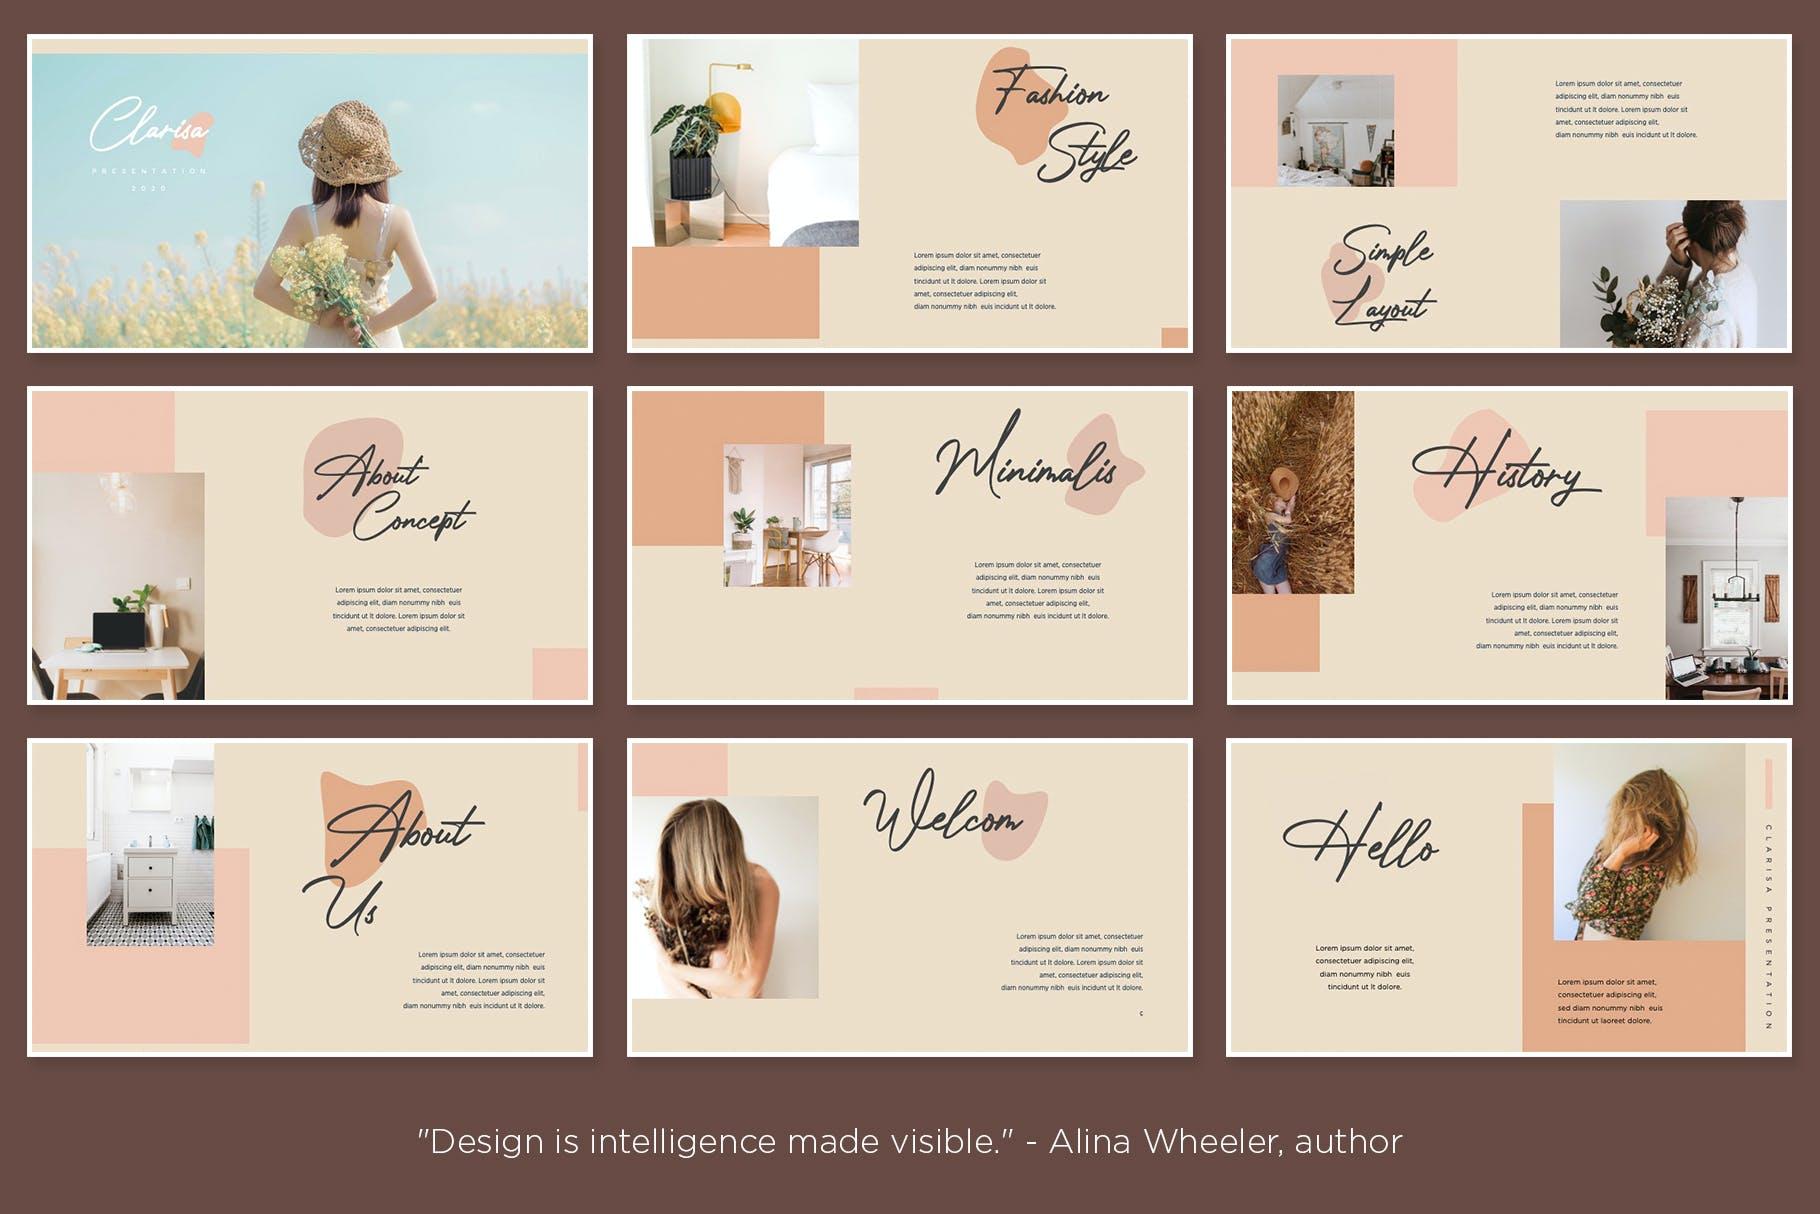 时尚优雅摄影作品集演示幻灯片设计模板 Clarisa Bundle Presentation插图2